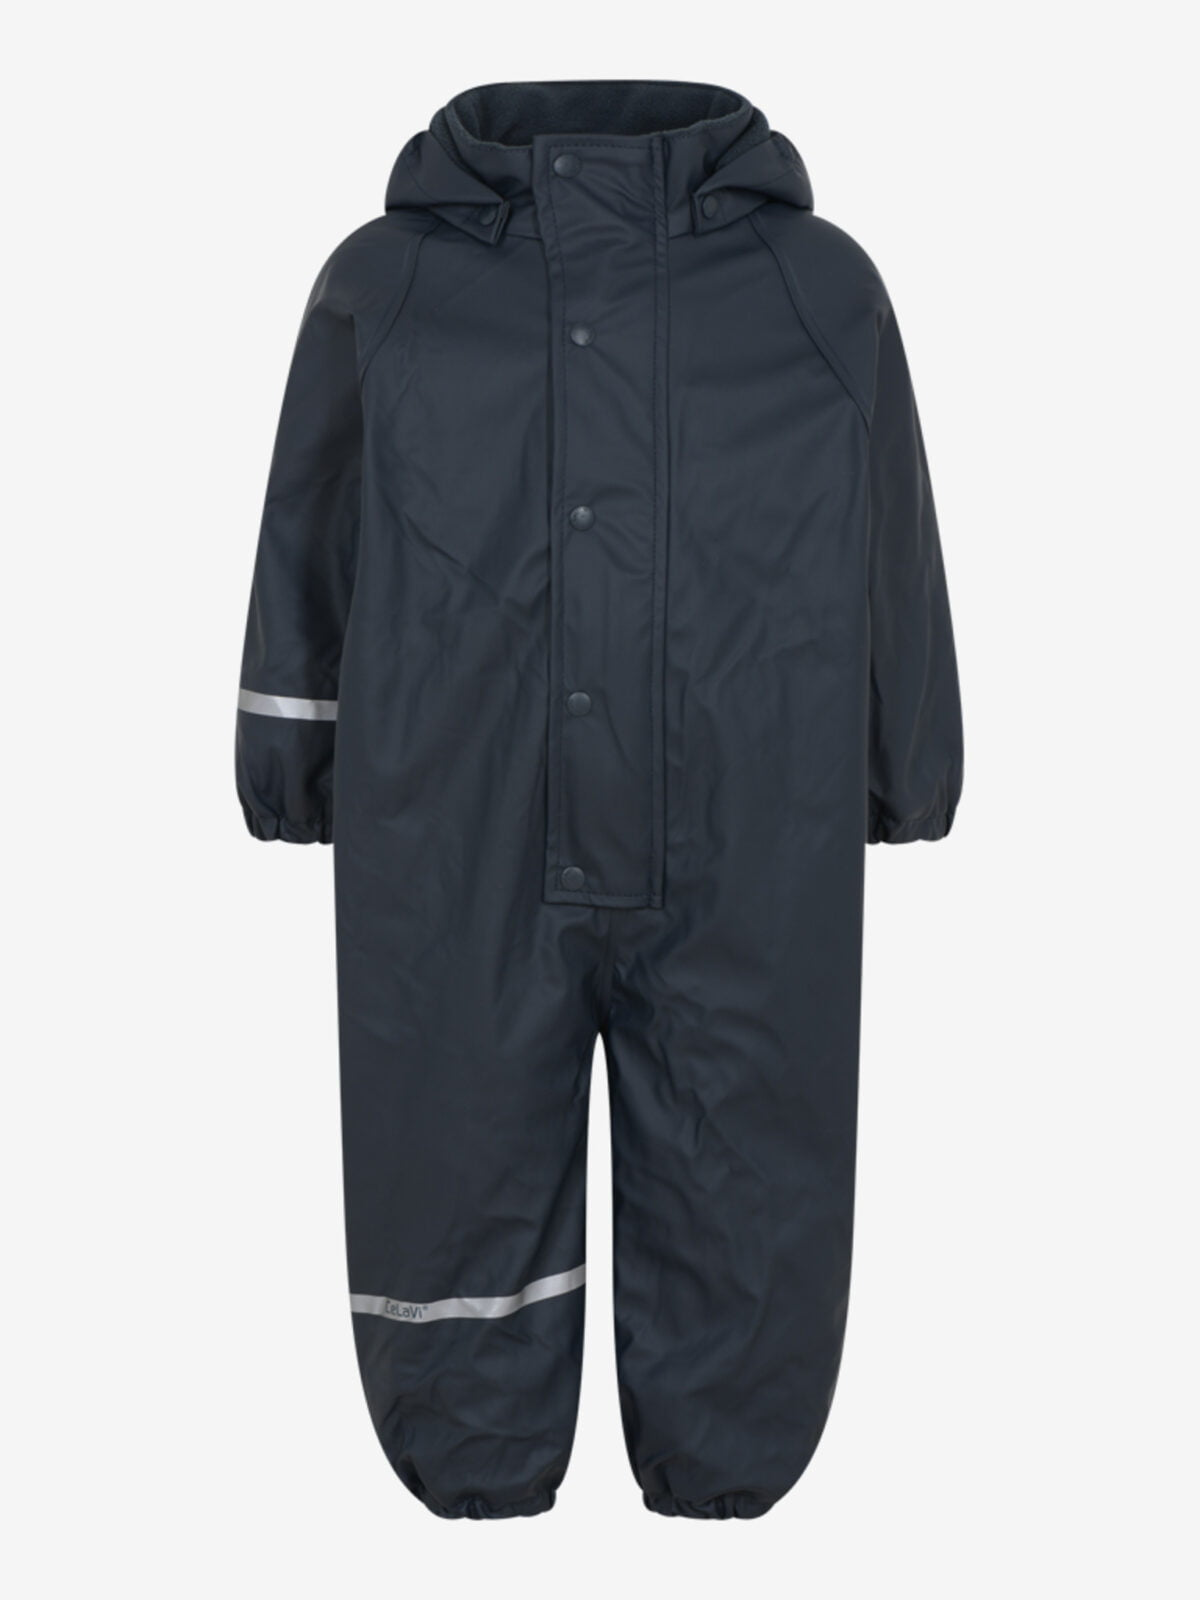 Salopetă overall ploaie și vânt (impermeabilă) căptuşită integral cu fleece navy CeLaVi